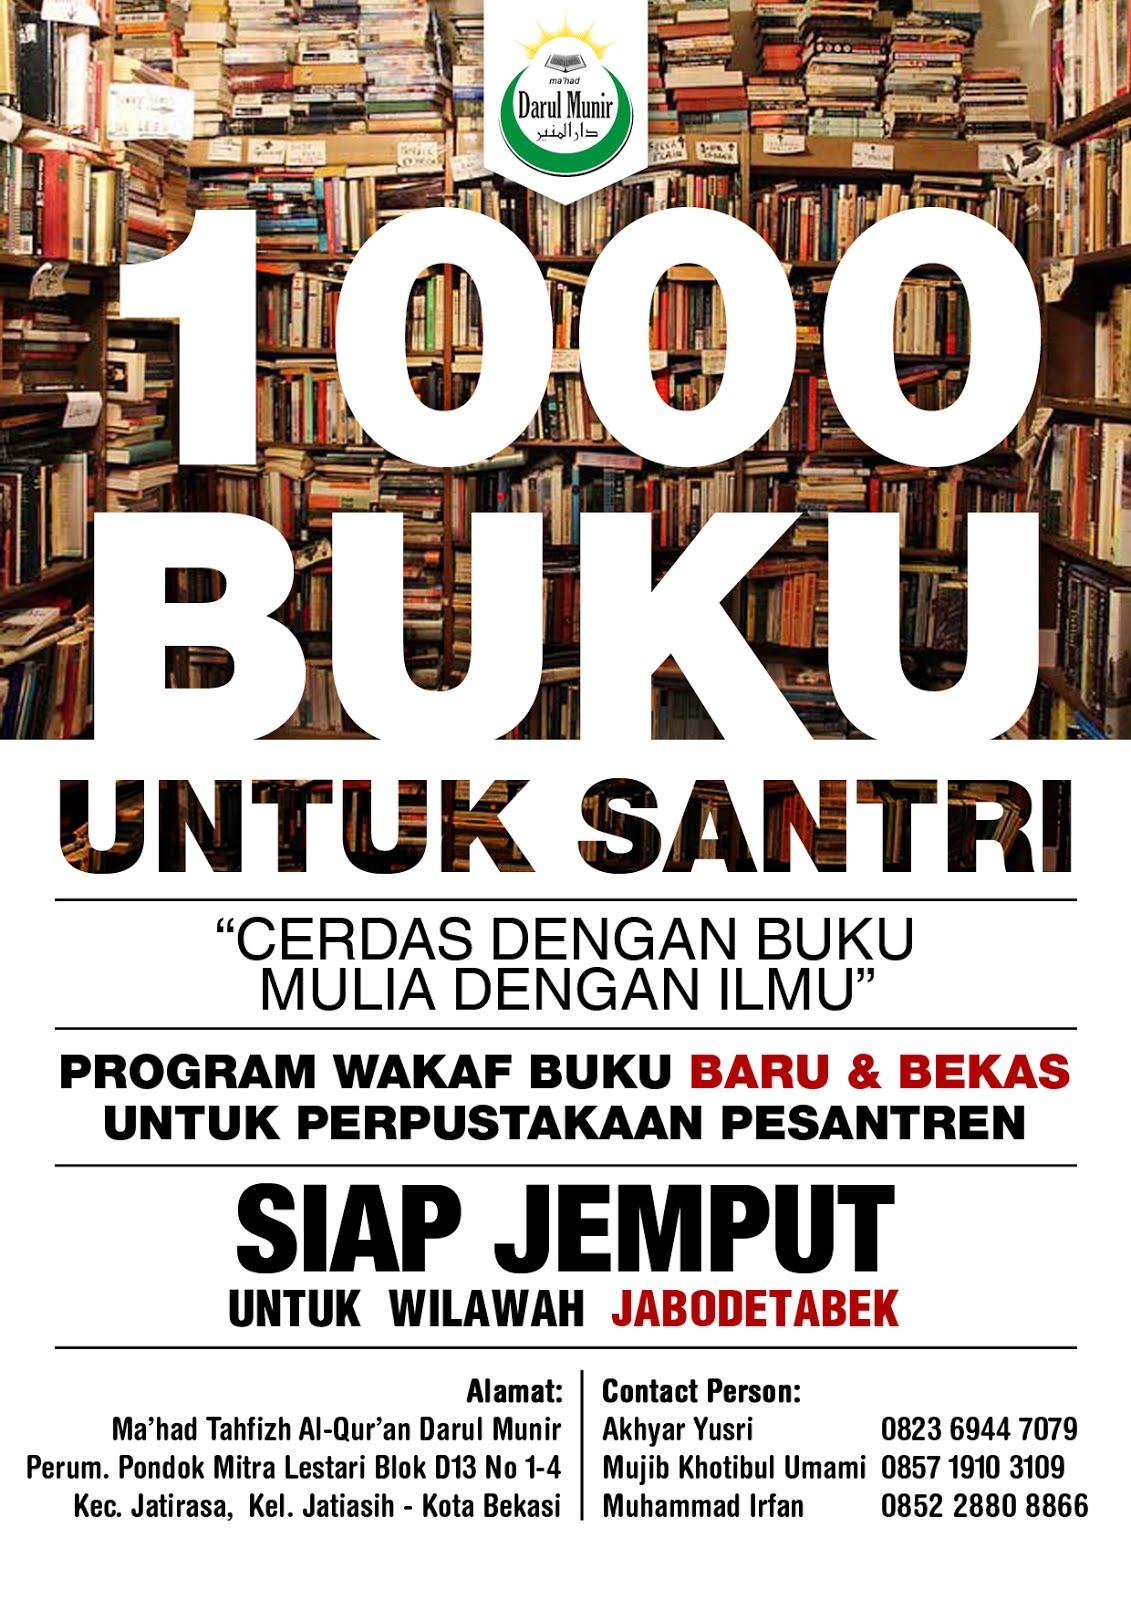 Wakaf 1000 Buku